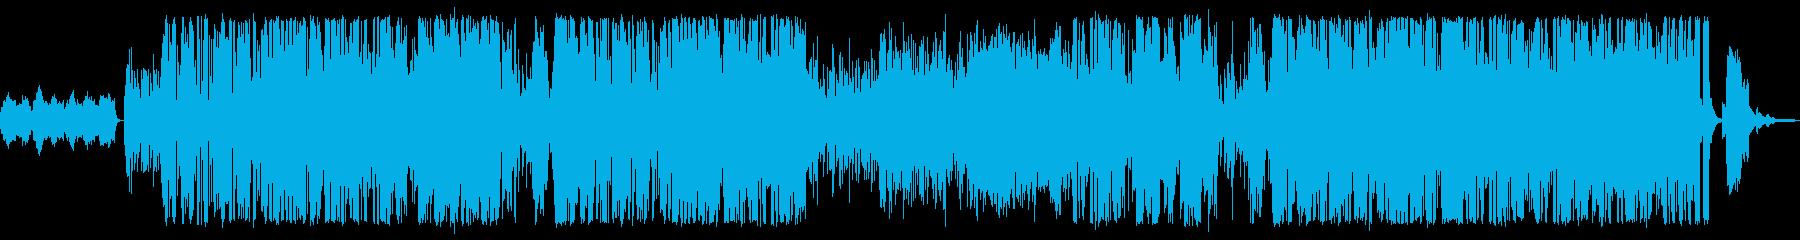 とても明るい曲です。の再生済みの波形